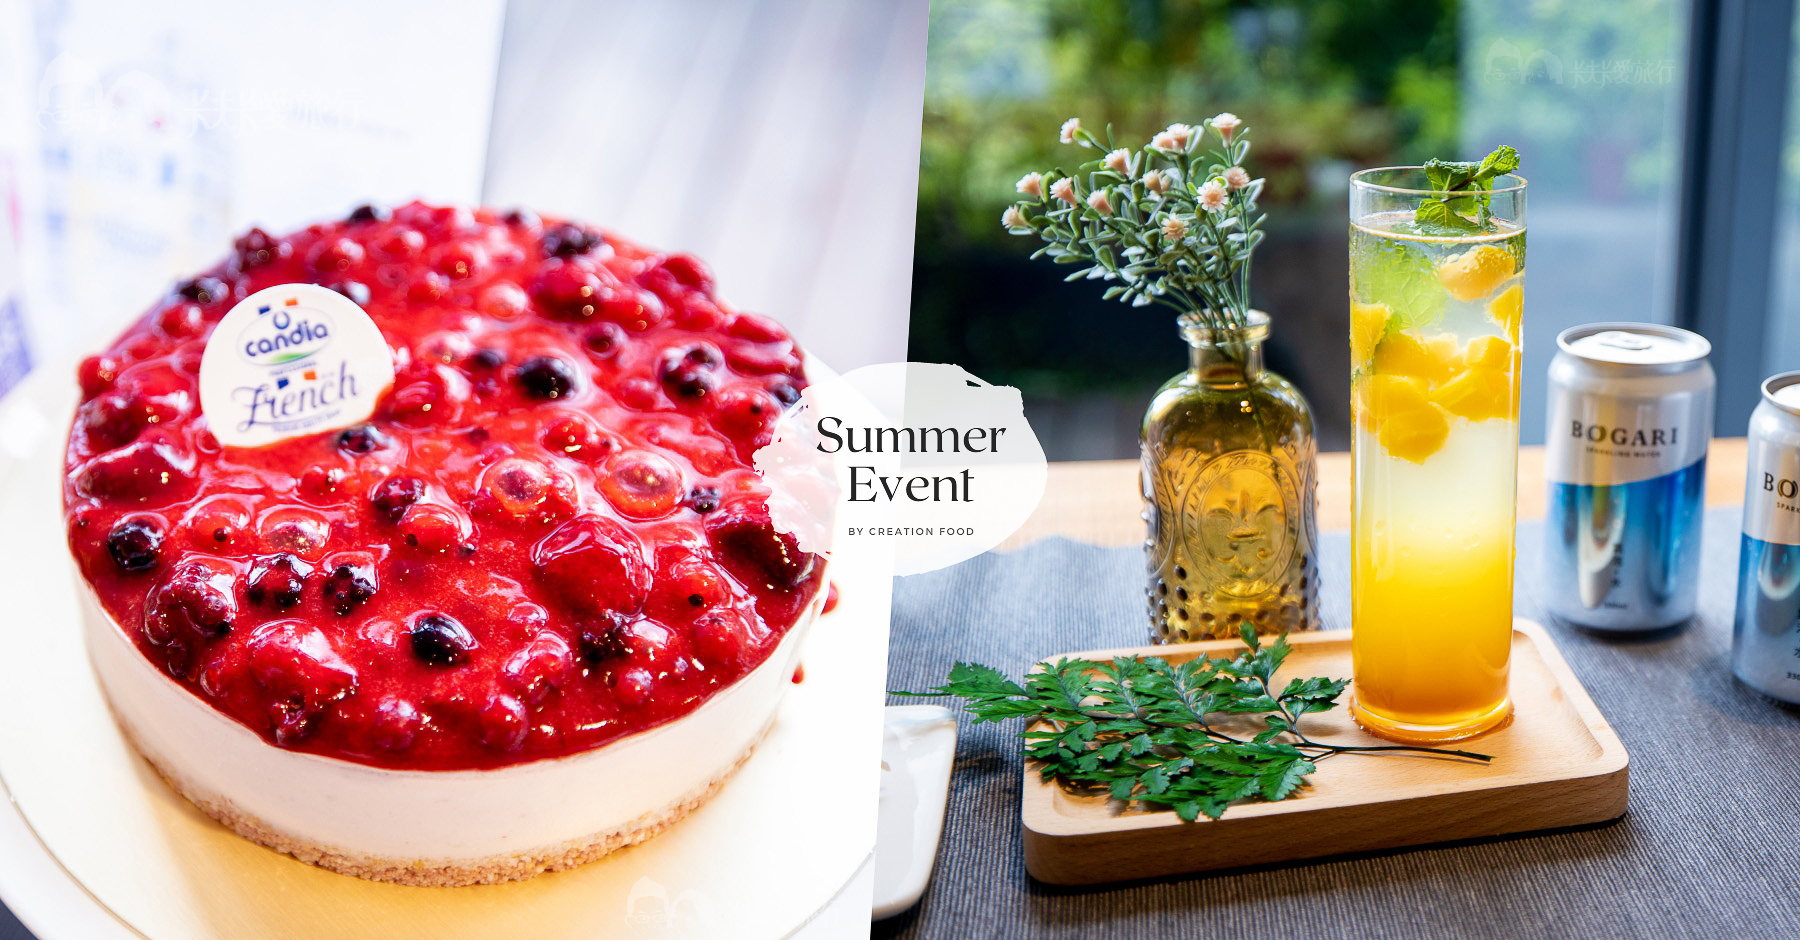 初夏好食節午茶烘焙分享會|開元食品|甜點烘焙控的最愛主廚分享手做甜點創業材料教學